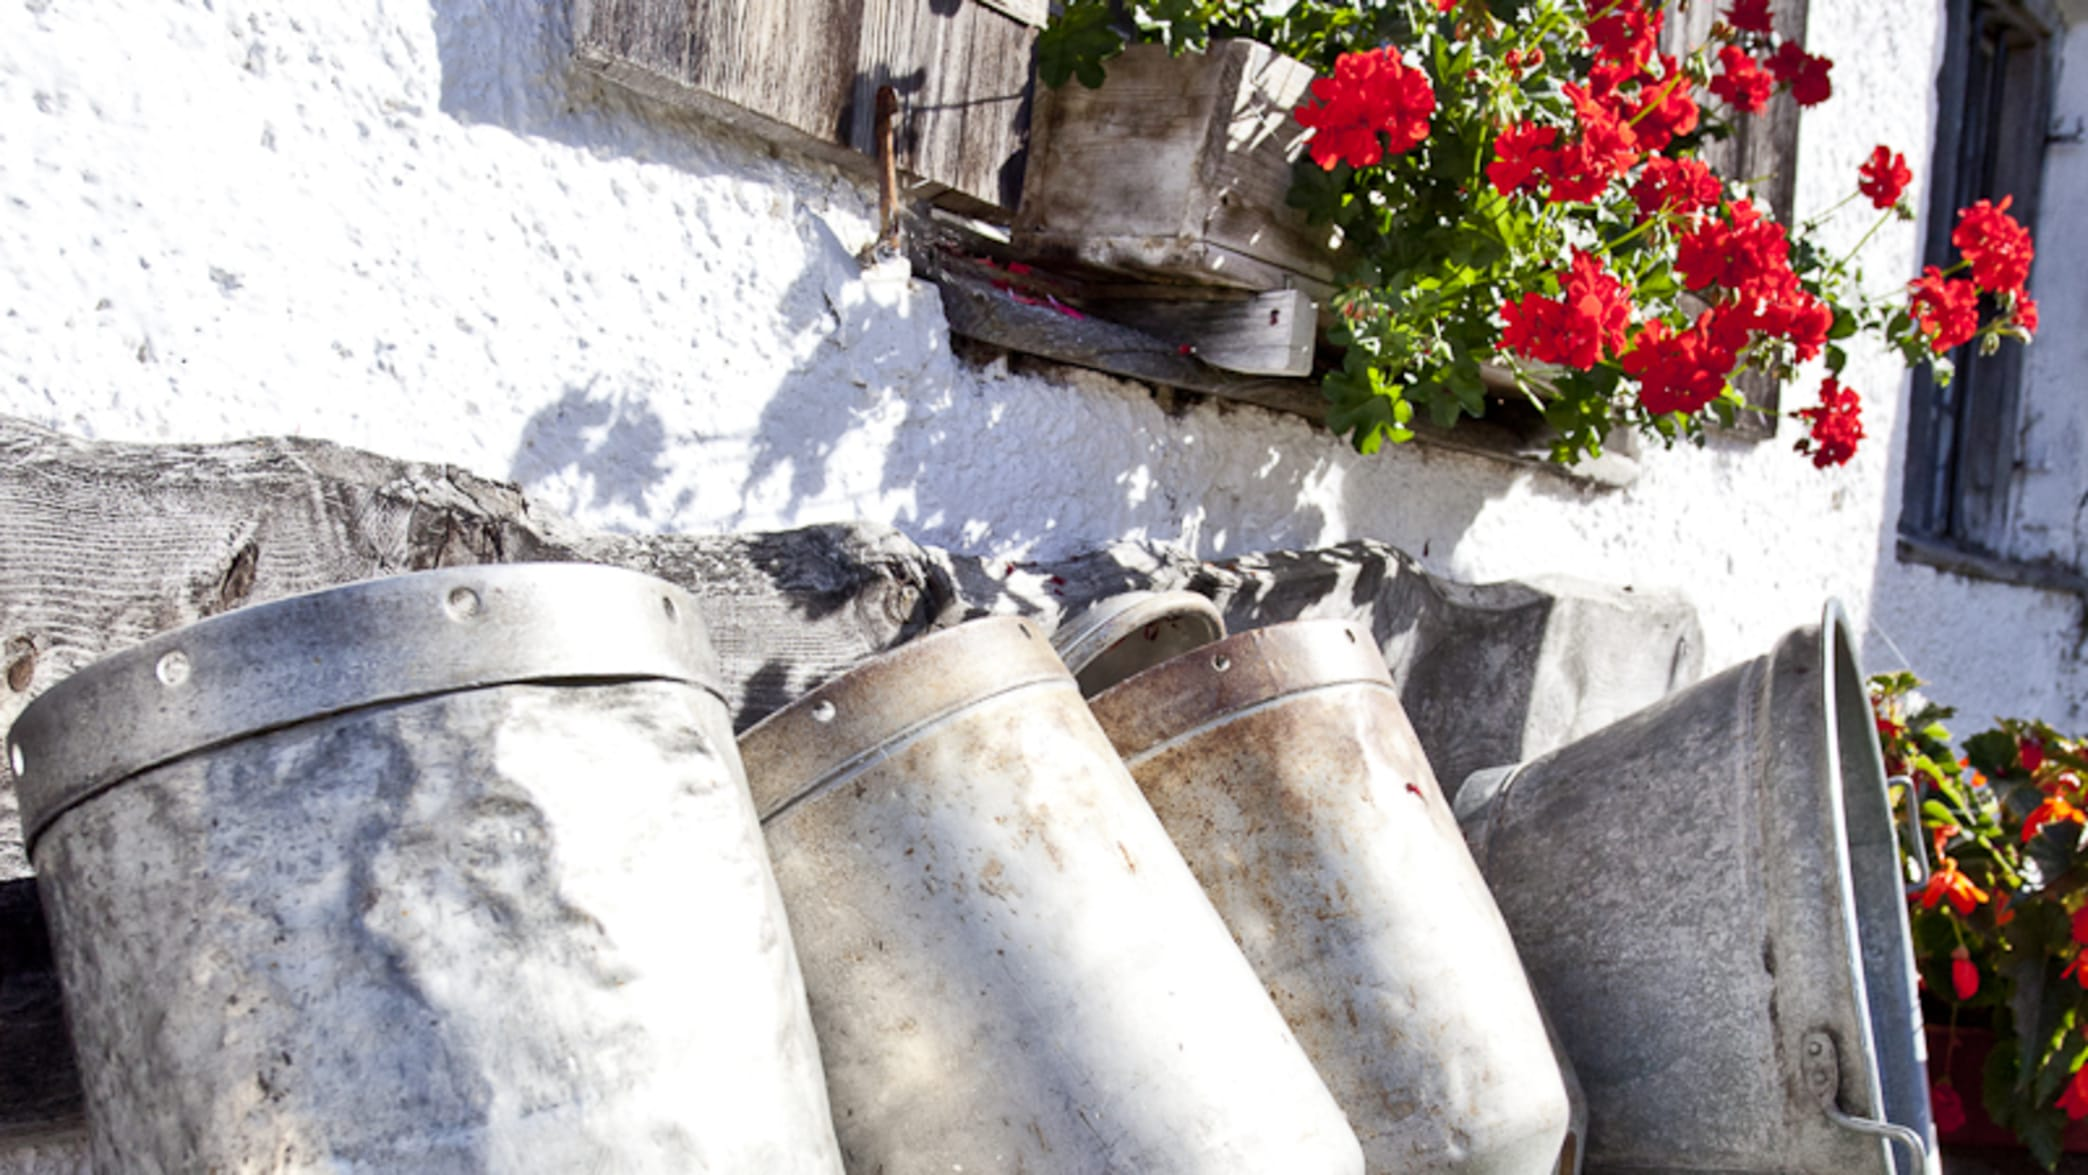 Milchkannen stehen auf einer Bank zum Trocknen